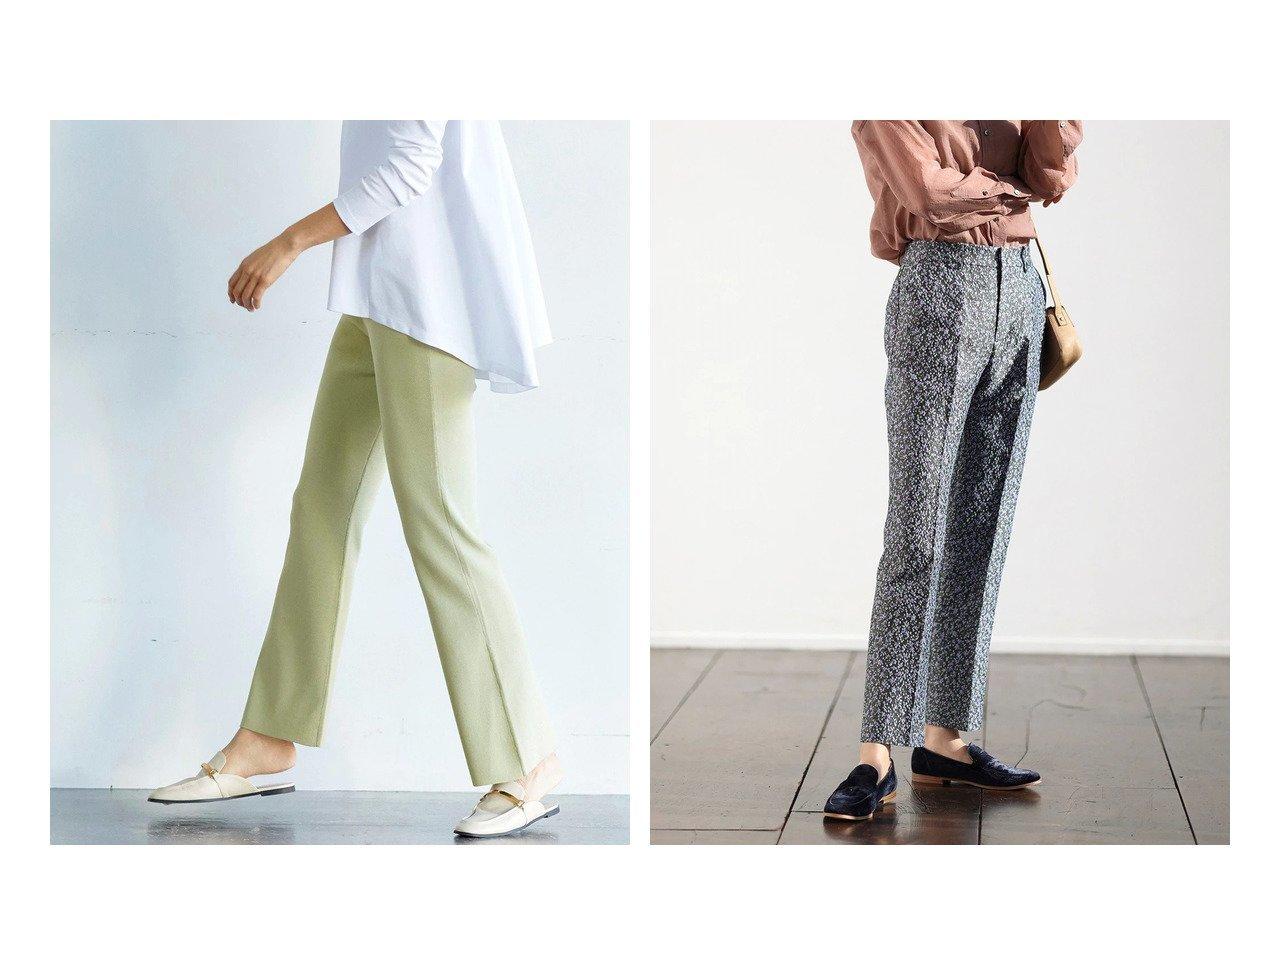 【DoCLASSE/ドゥクラッセ】の総針編み・フレアニットパンツ&フラワージャカード・テーパードパンツ ドゥクラッセの40代、50代の方におすすめ!人気トレンド・ファッションの通販 おすすめで人気の流行・トレンド、ファッションの通販商品 メンズファッション・キッズファッション・インテリア・家具・レディースファッション・服の通販 founy(ファニー) https://founy.com/ ファッション Fashion レディースファッション WOMEN パンツ Pants カッティング ジャカード スリム フレア トレンド 楽ちん |ID:crp329100000021639